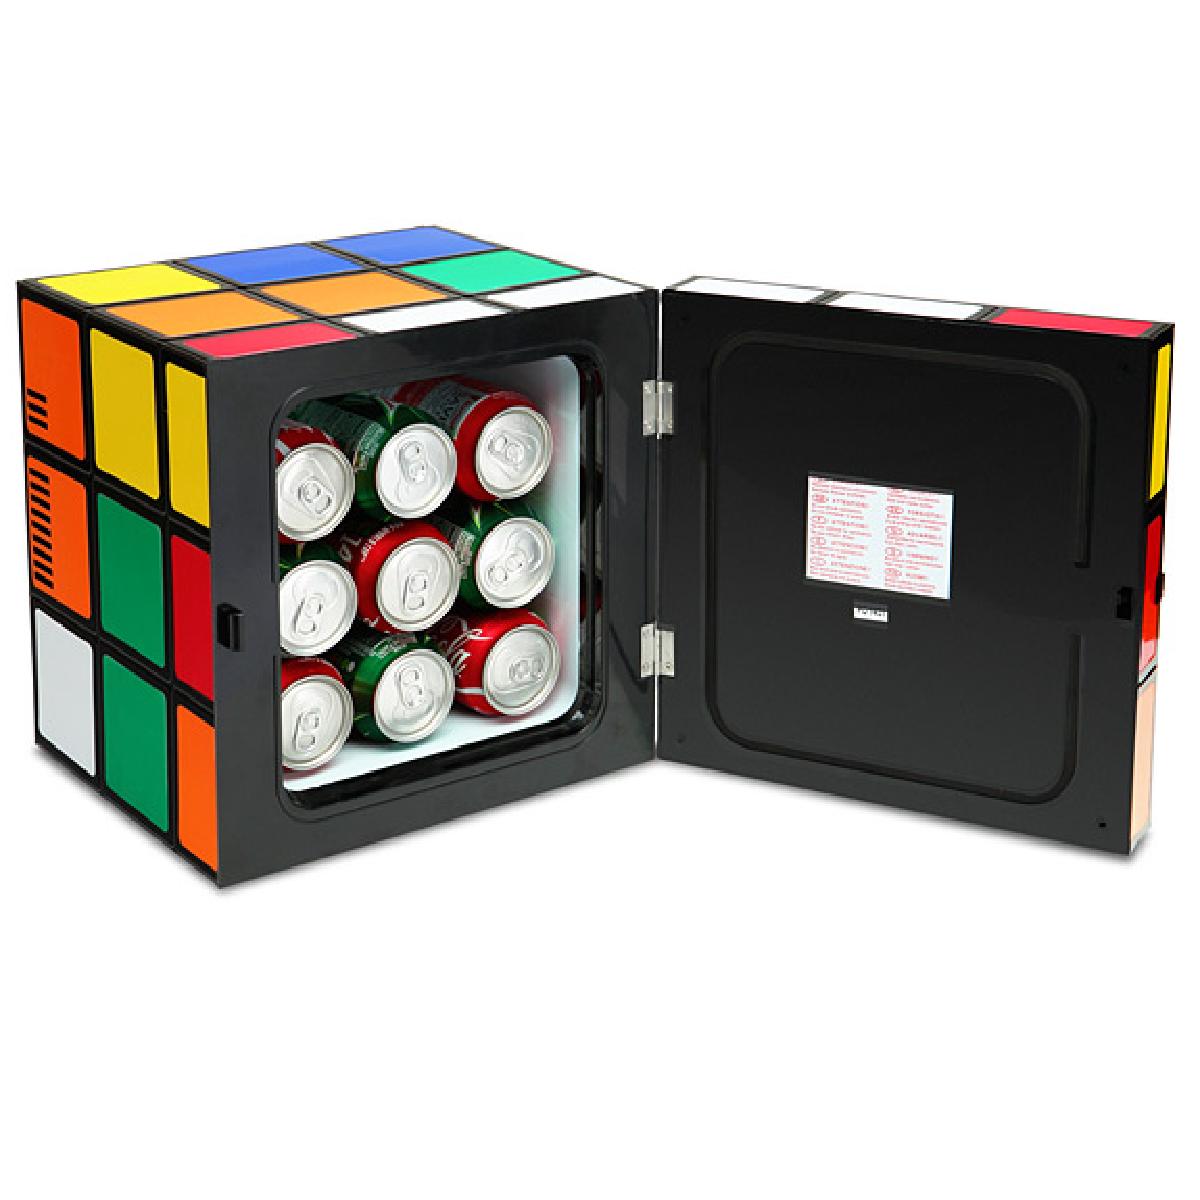 Le frigo en forme de Rubik's Cube